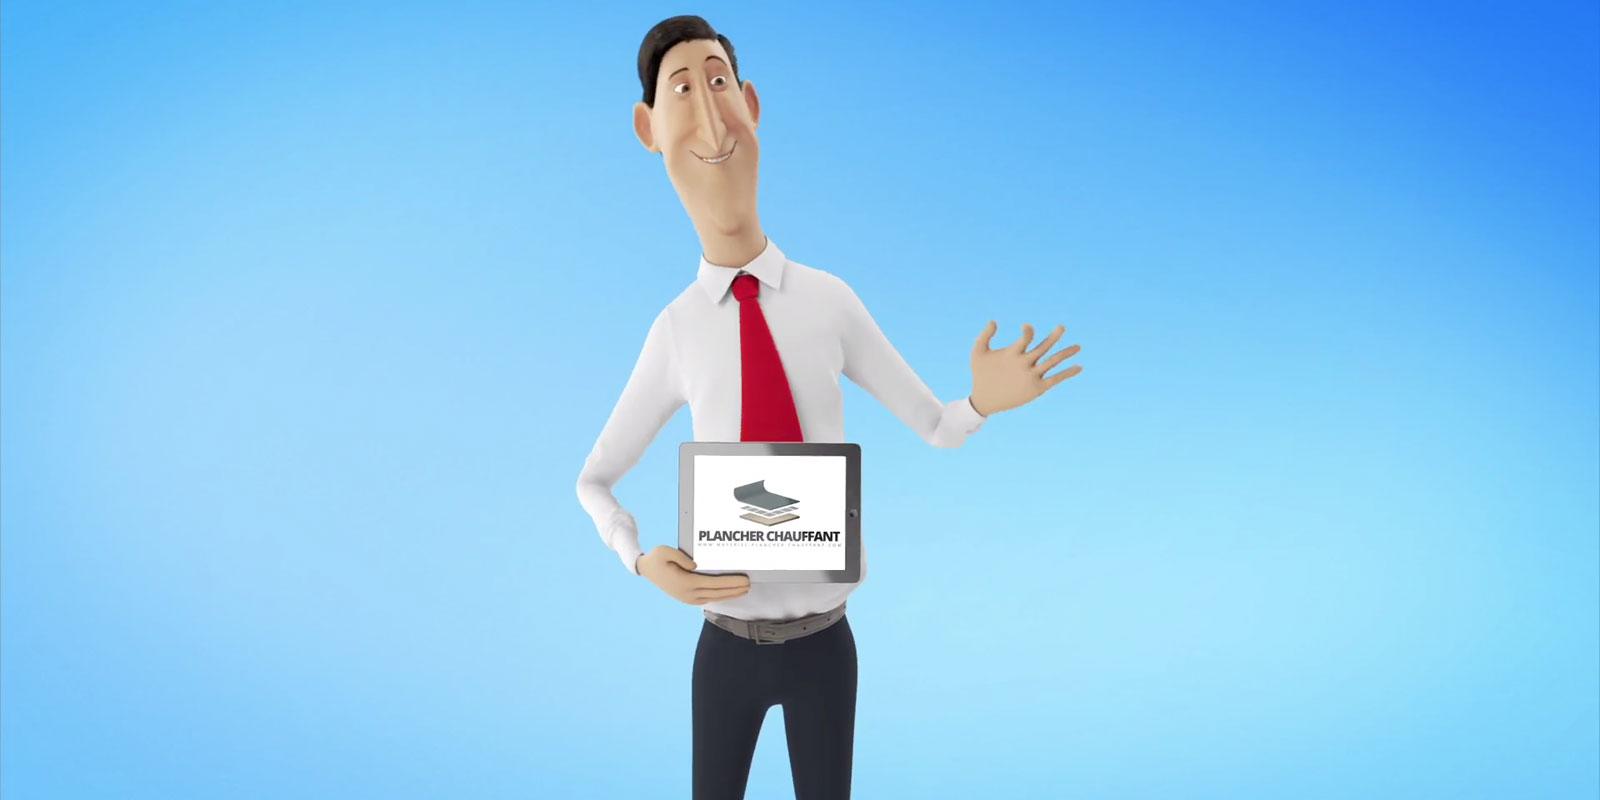 Marketing vidéo - Matériel Plancher Chauffant